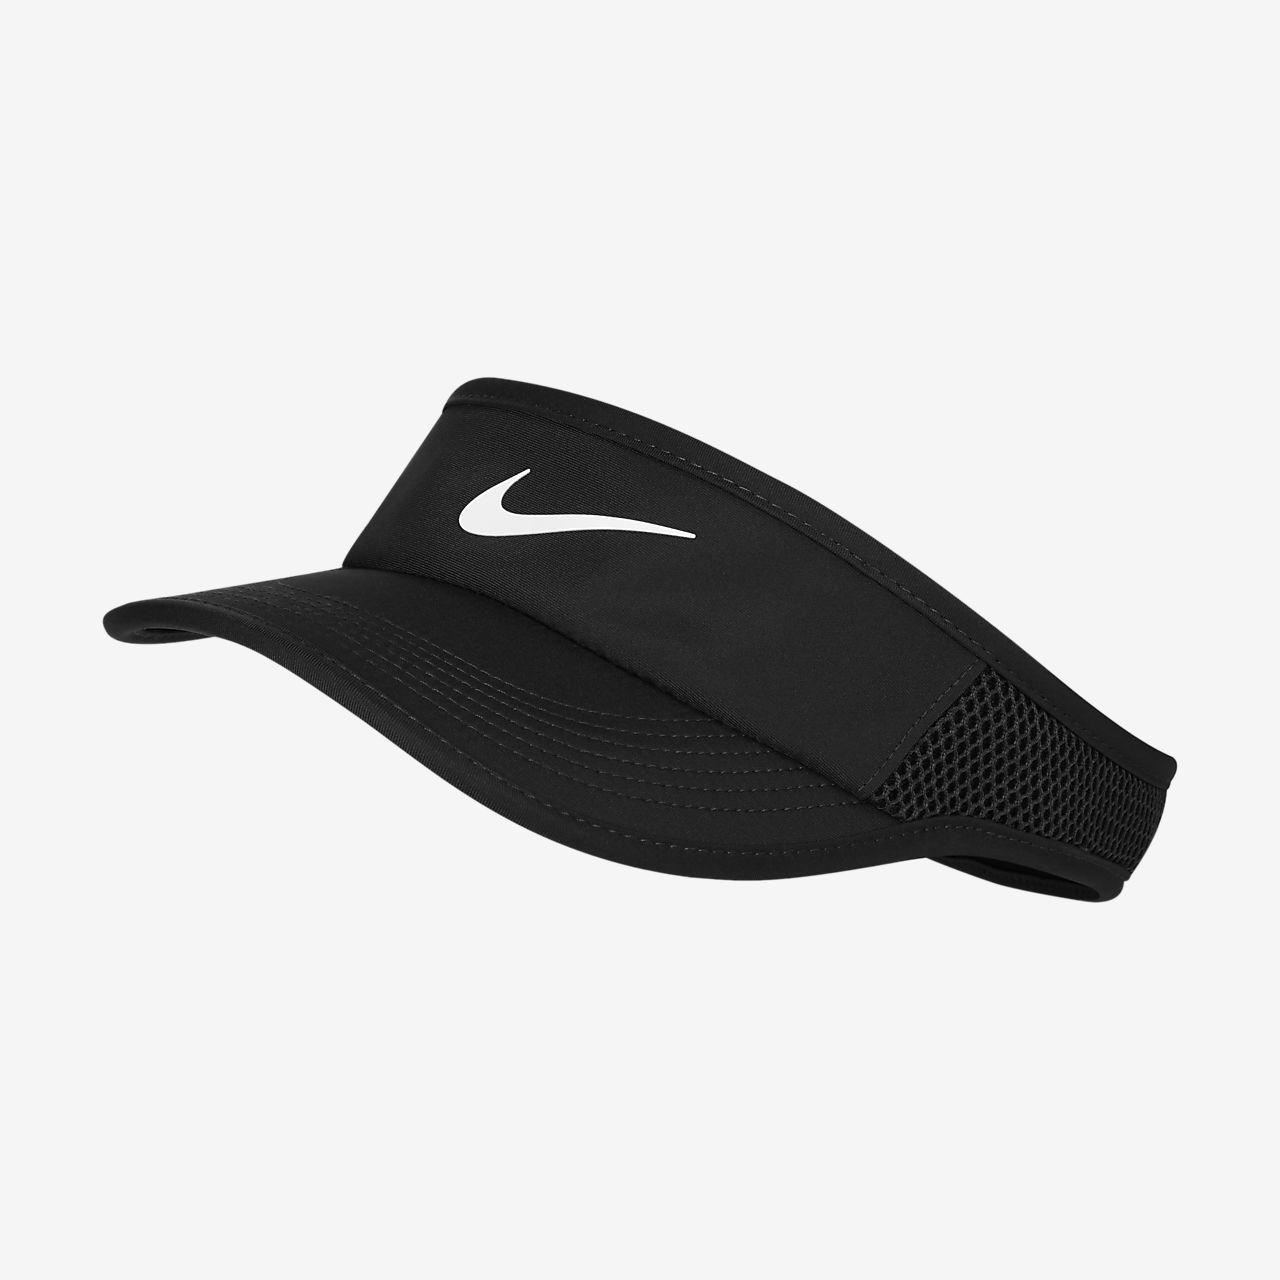 Tennisskärm NikeCourt AeroBill Featherlight för kvinnor